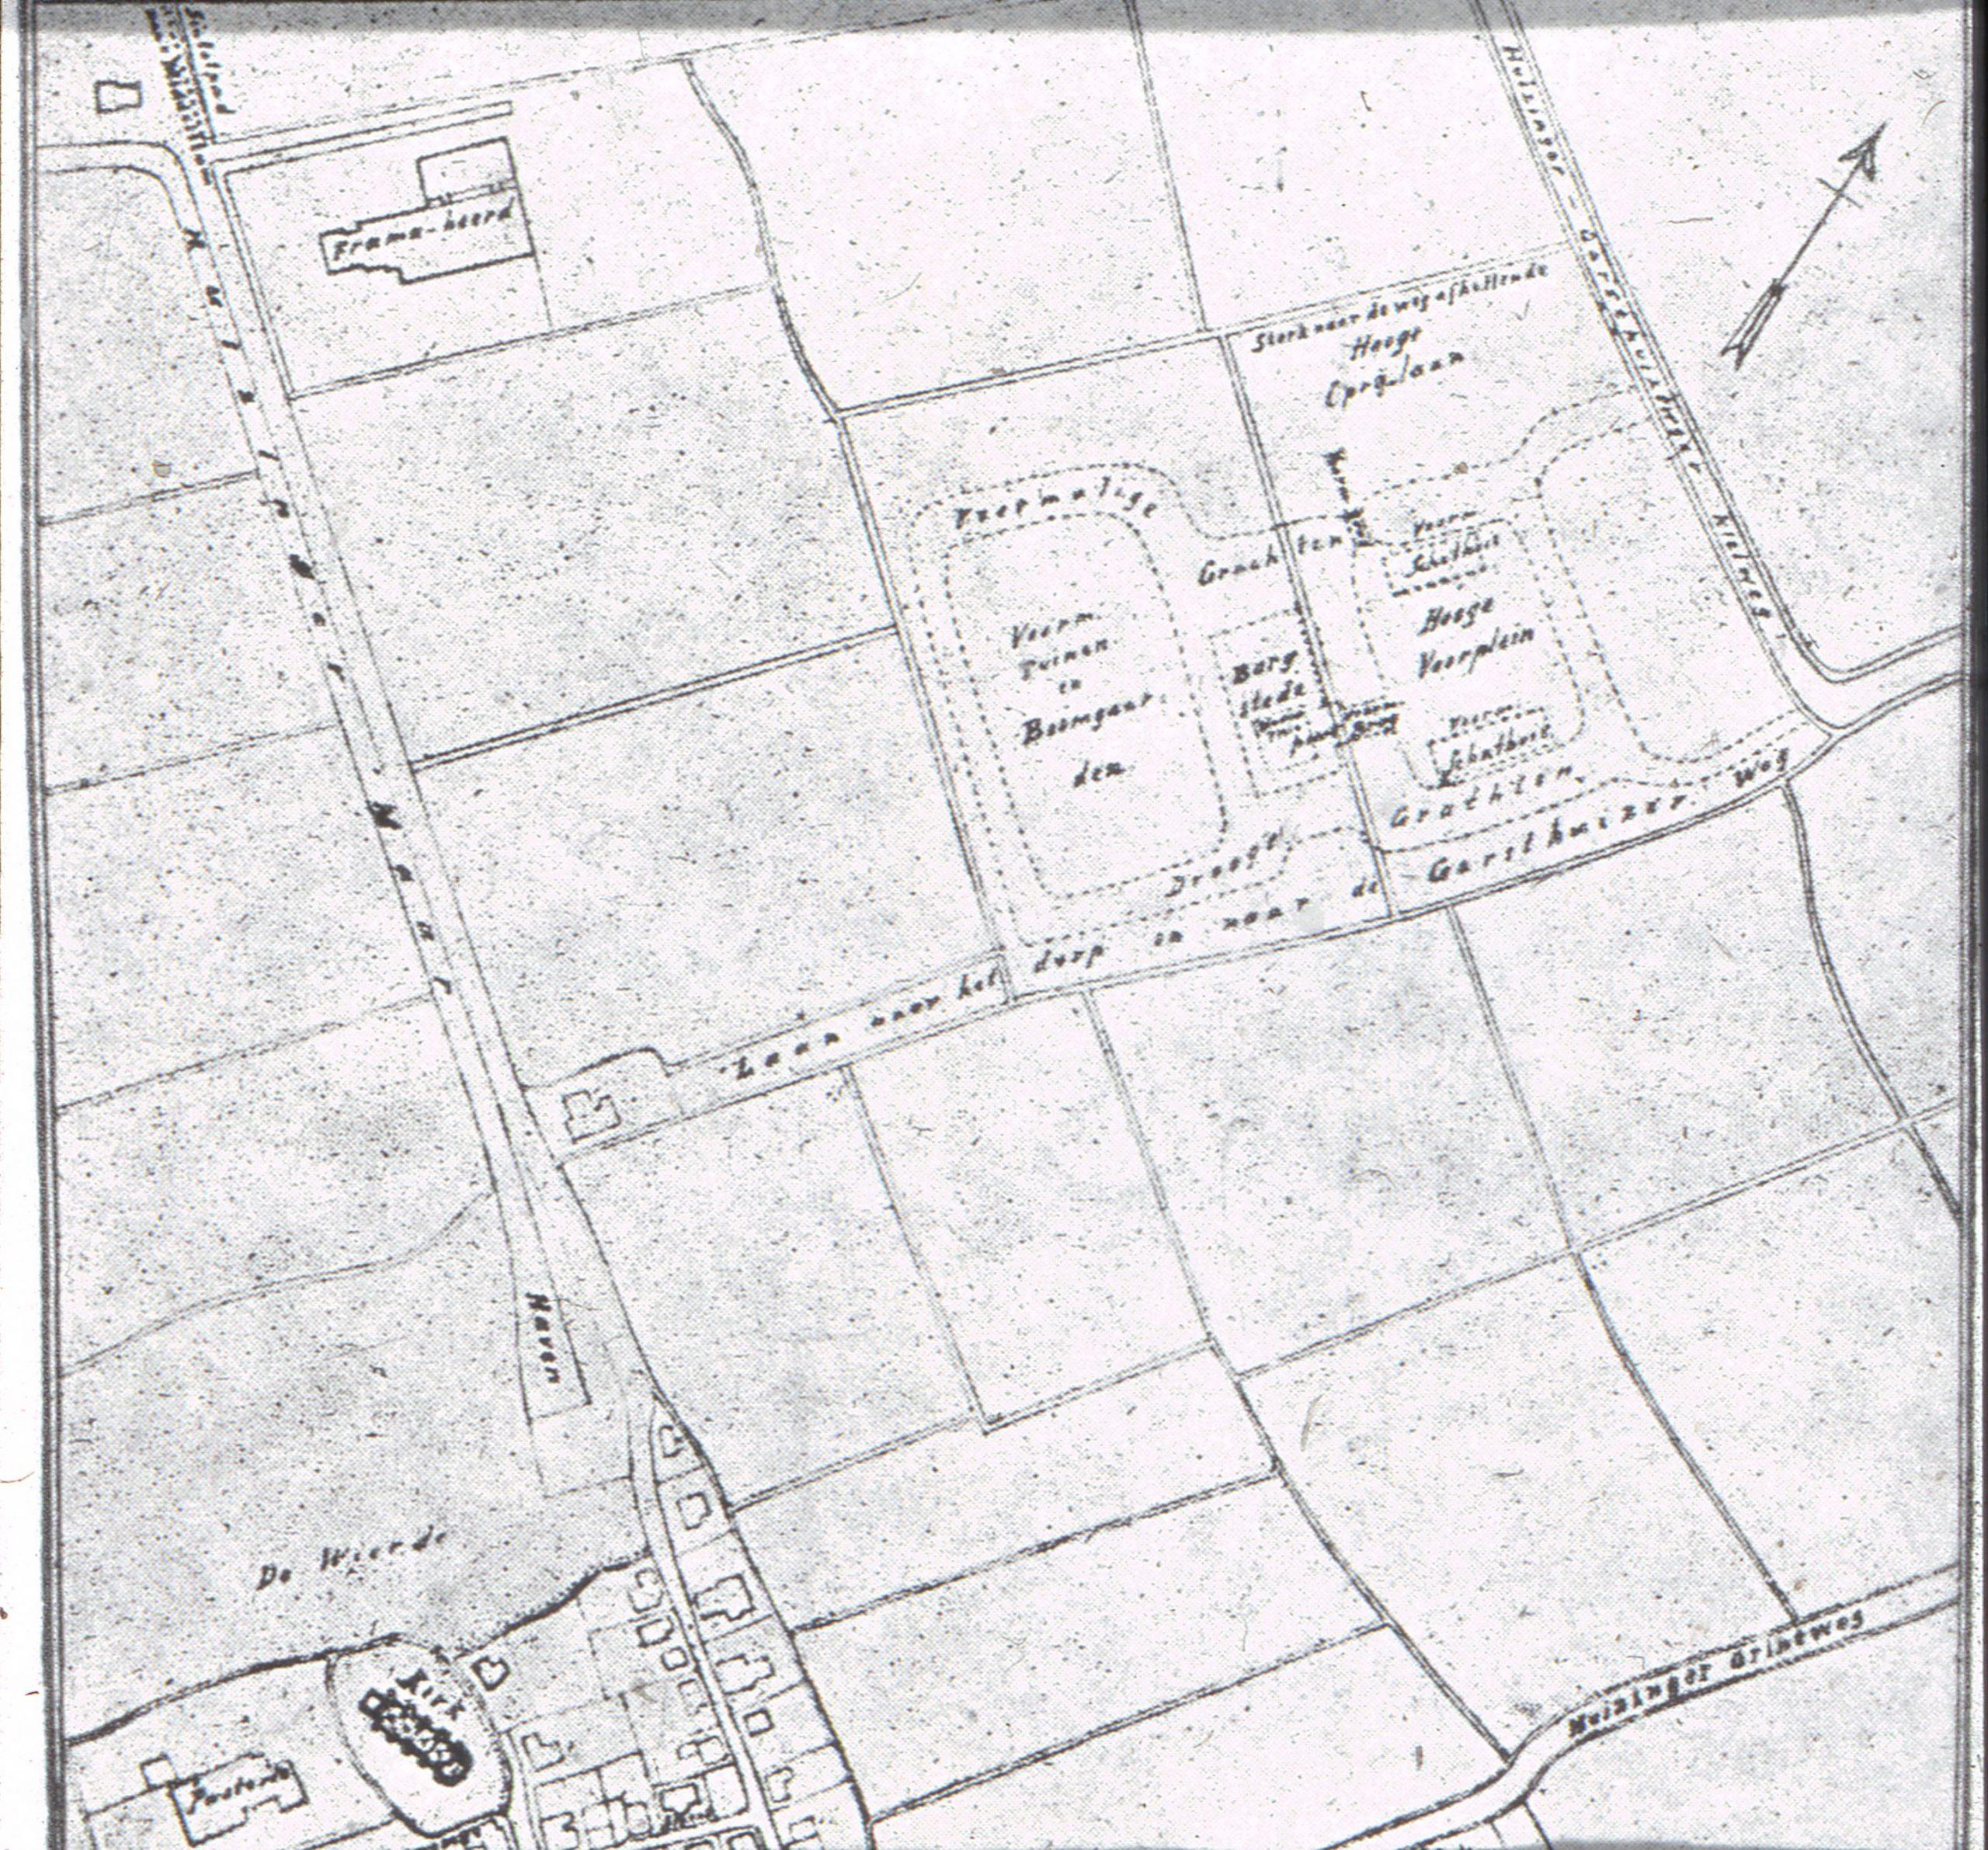 Fraamborg plattegrond